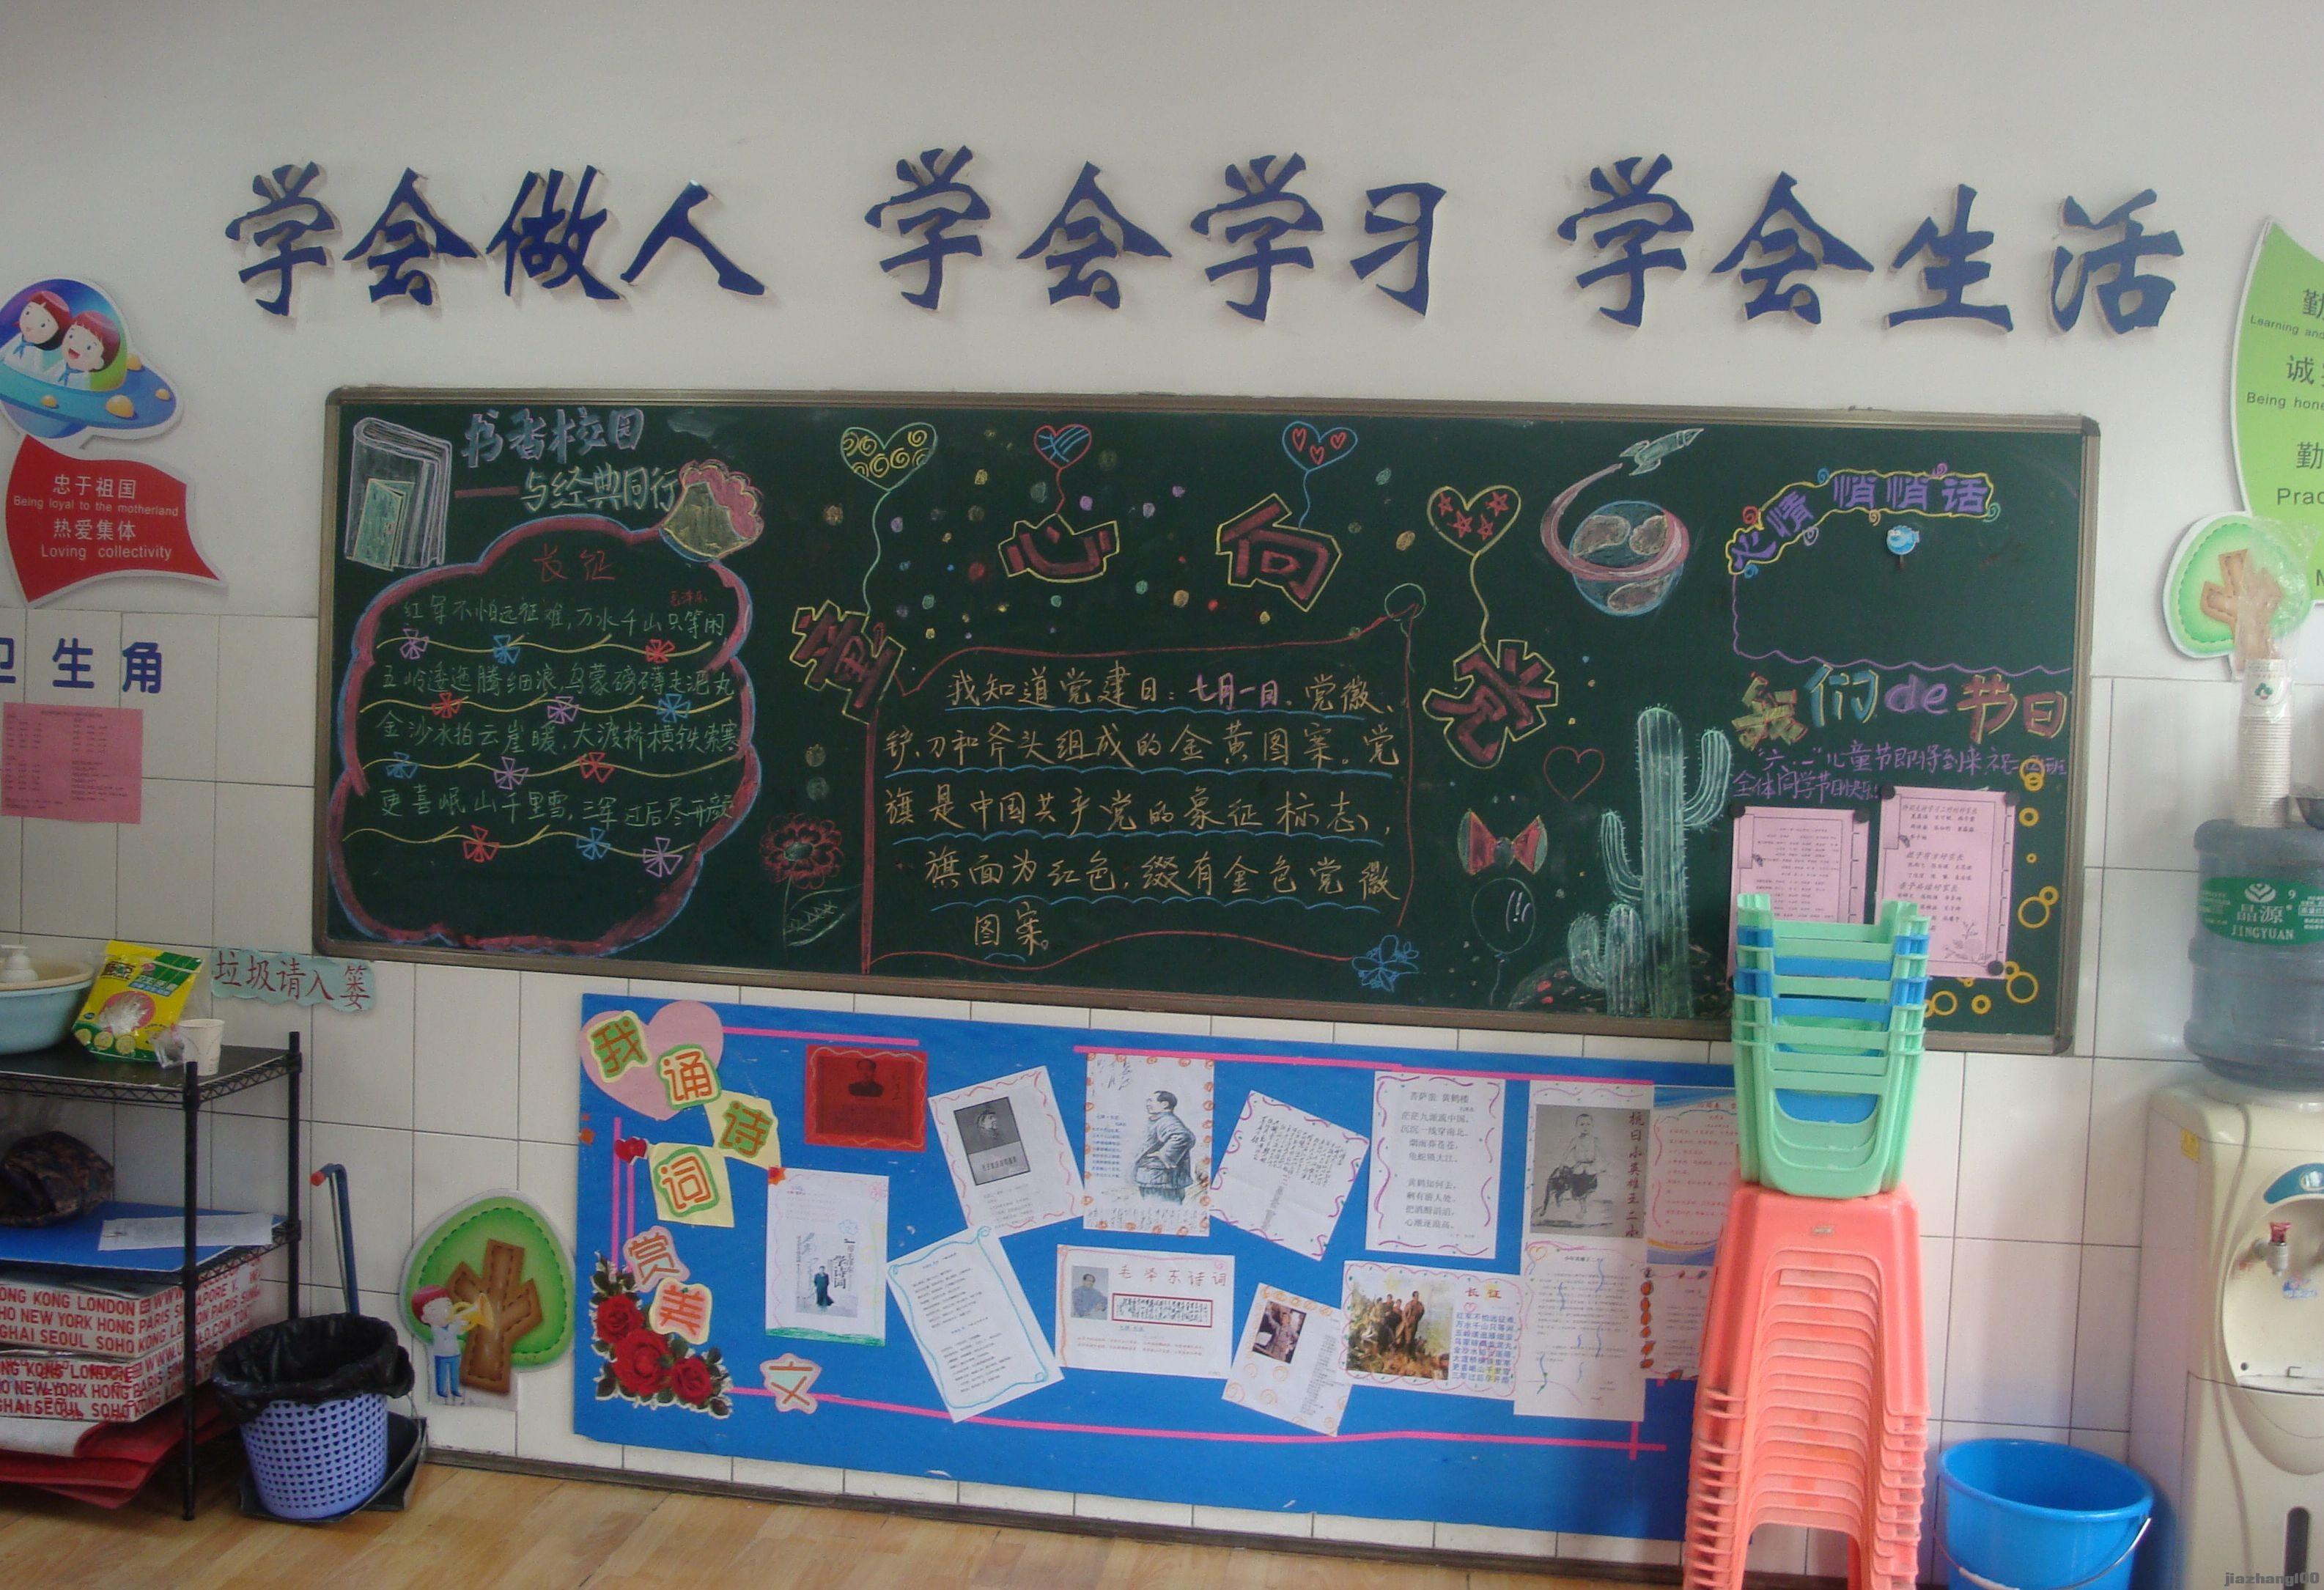 教室后面的黑板报.